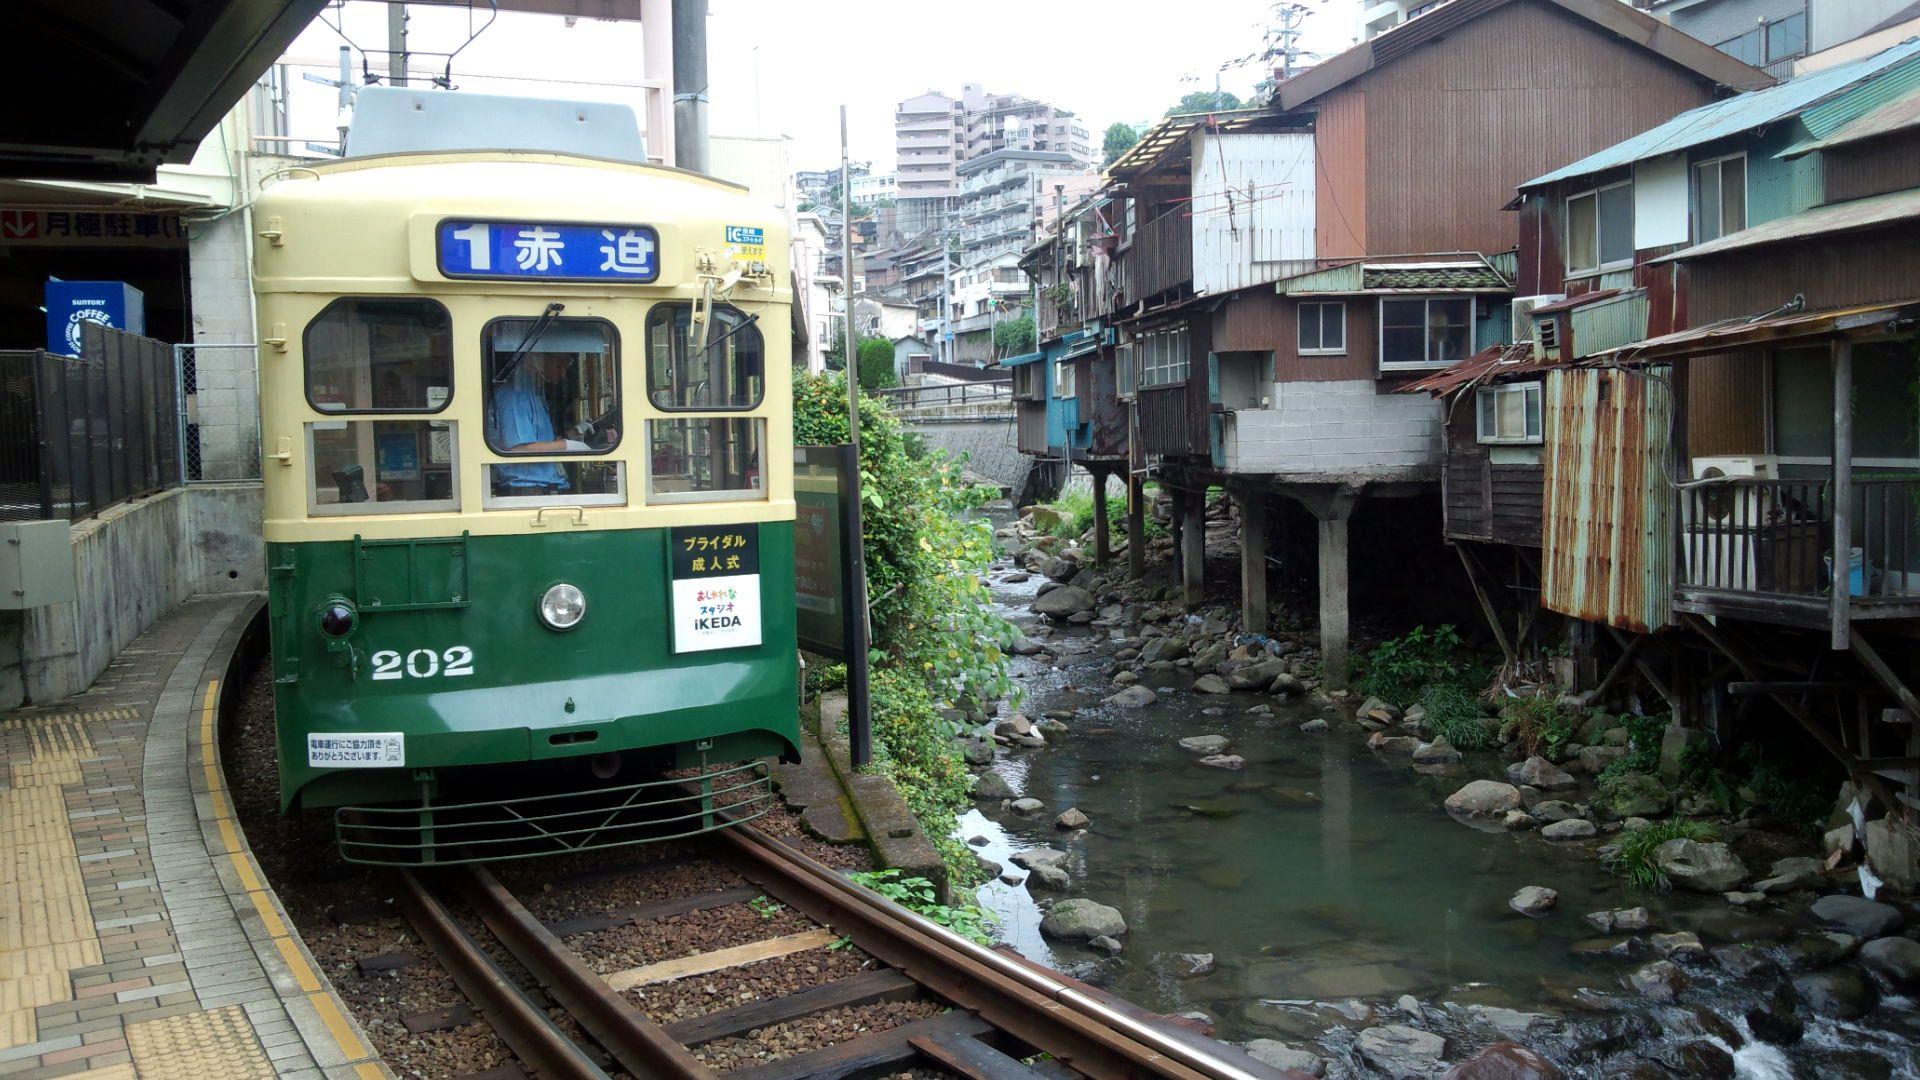 Sho-kakuji-shita Nagasaki, Japan